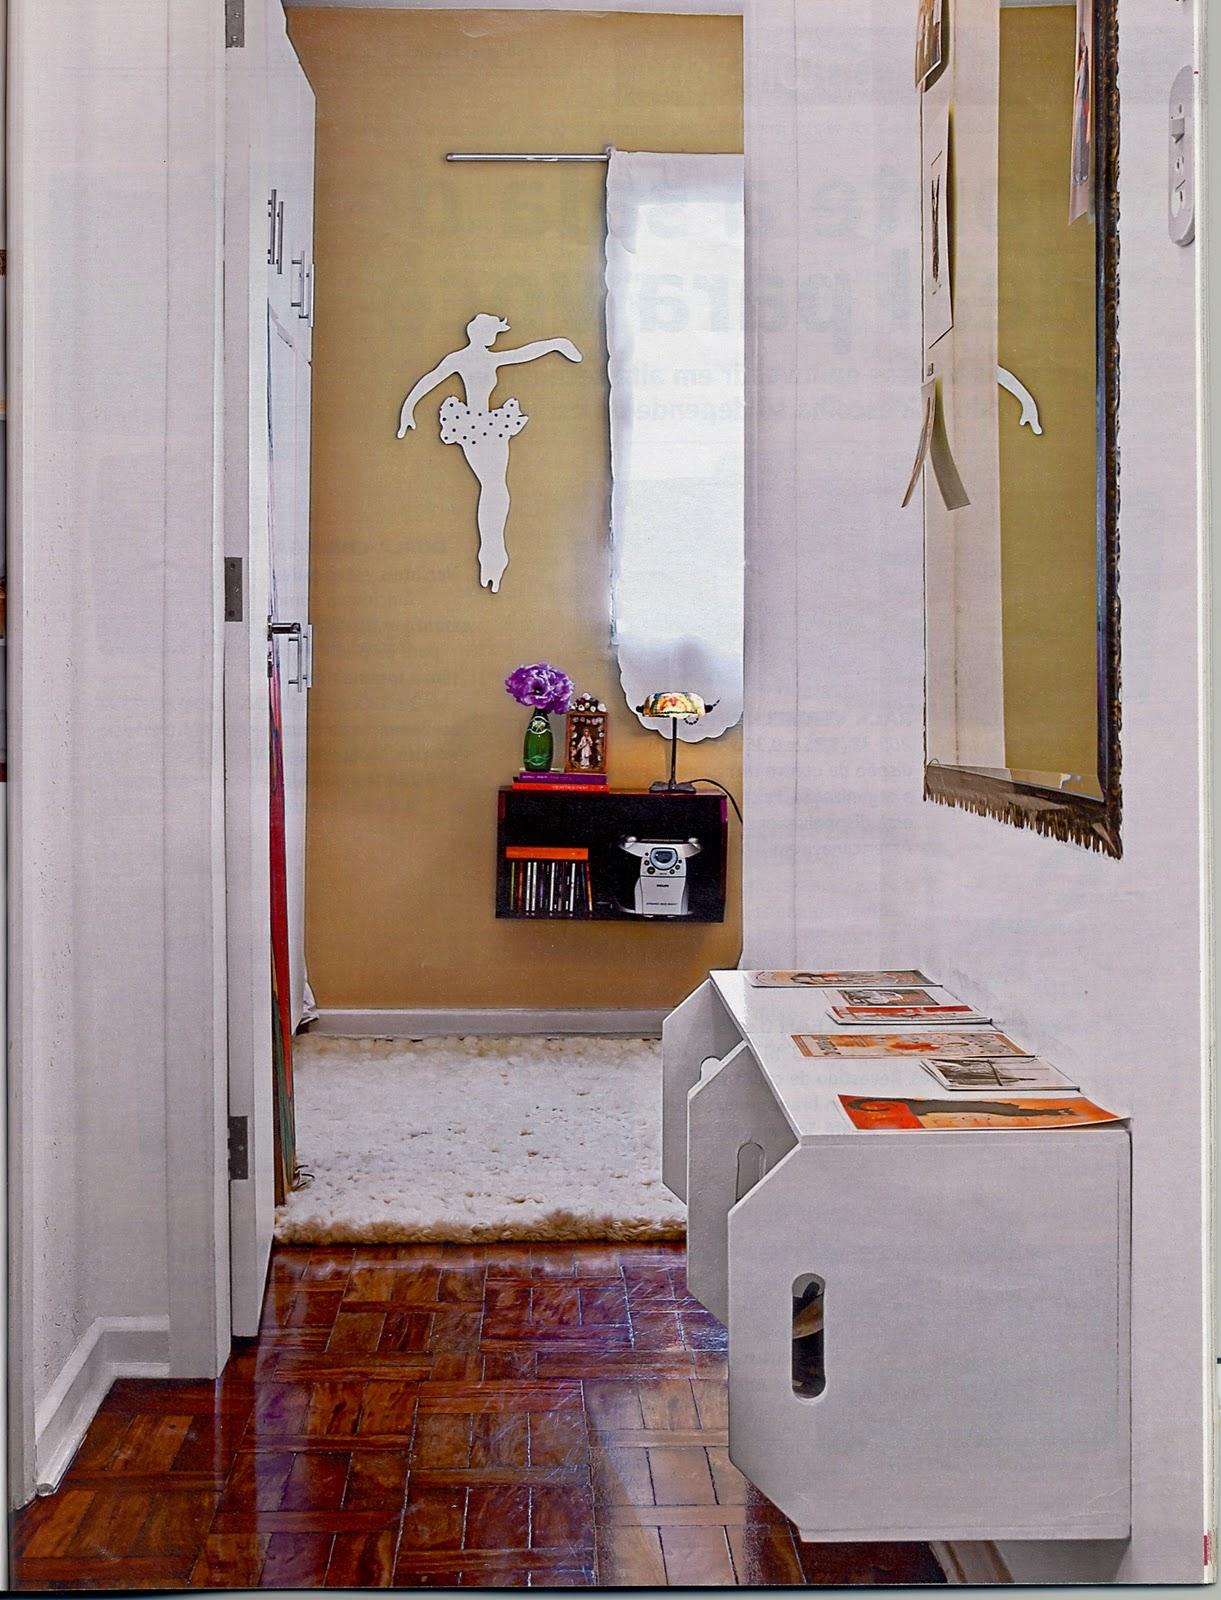 PotPourri da Karen Decoração com caixotes de feira -> Armario De Banheiro Com Caixa De Feira